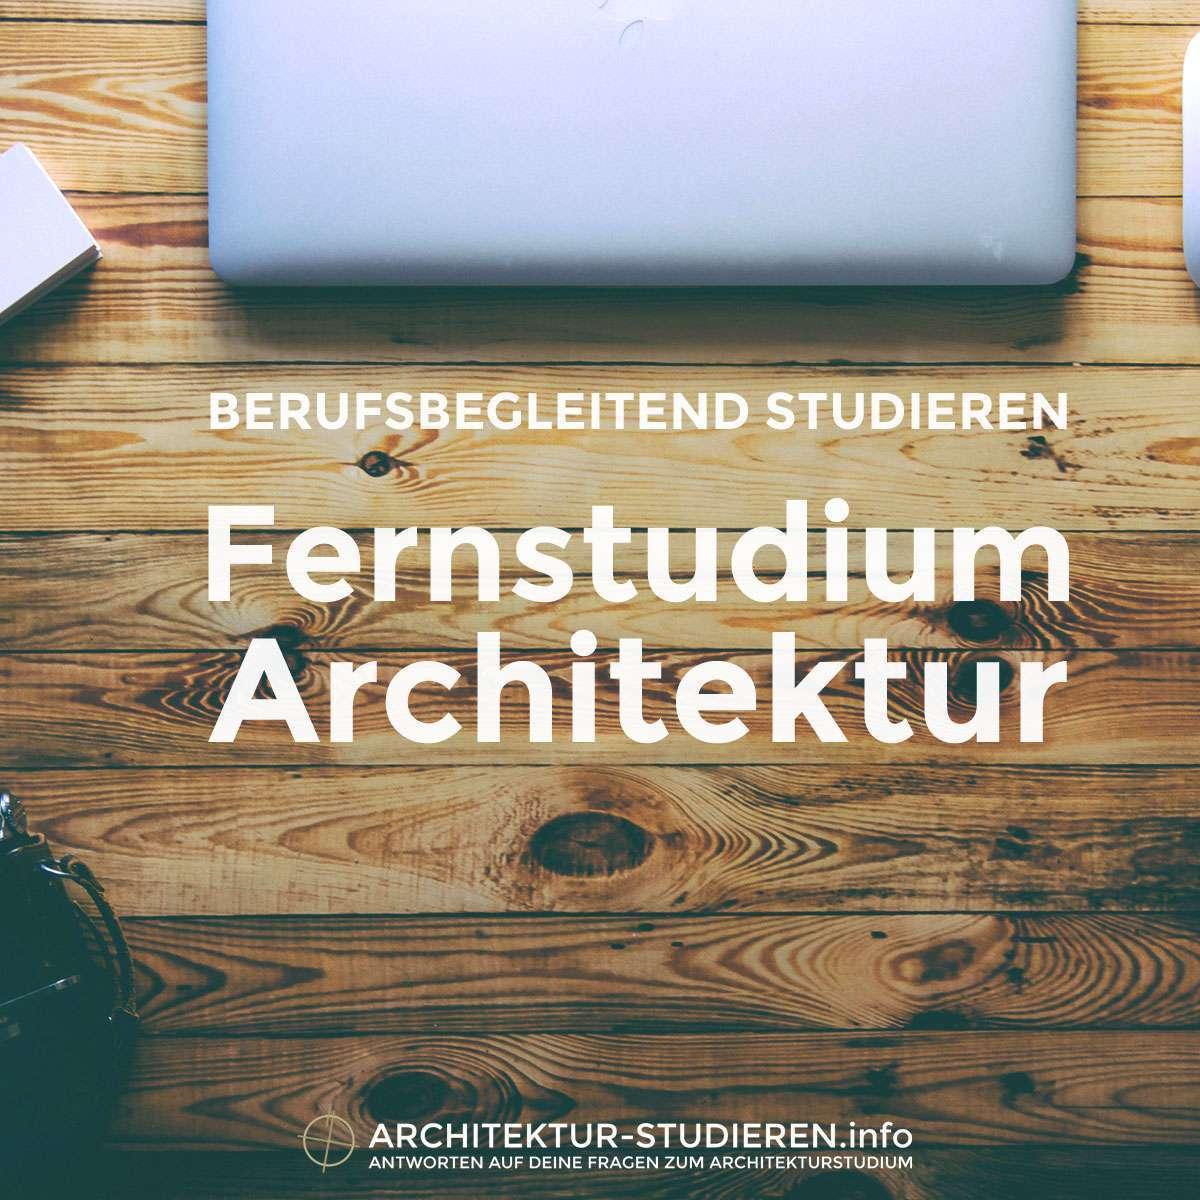 fernstudium architektur | architektur-studieren, Innenarchitektur ideen